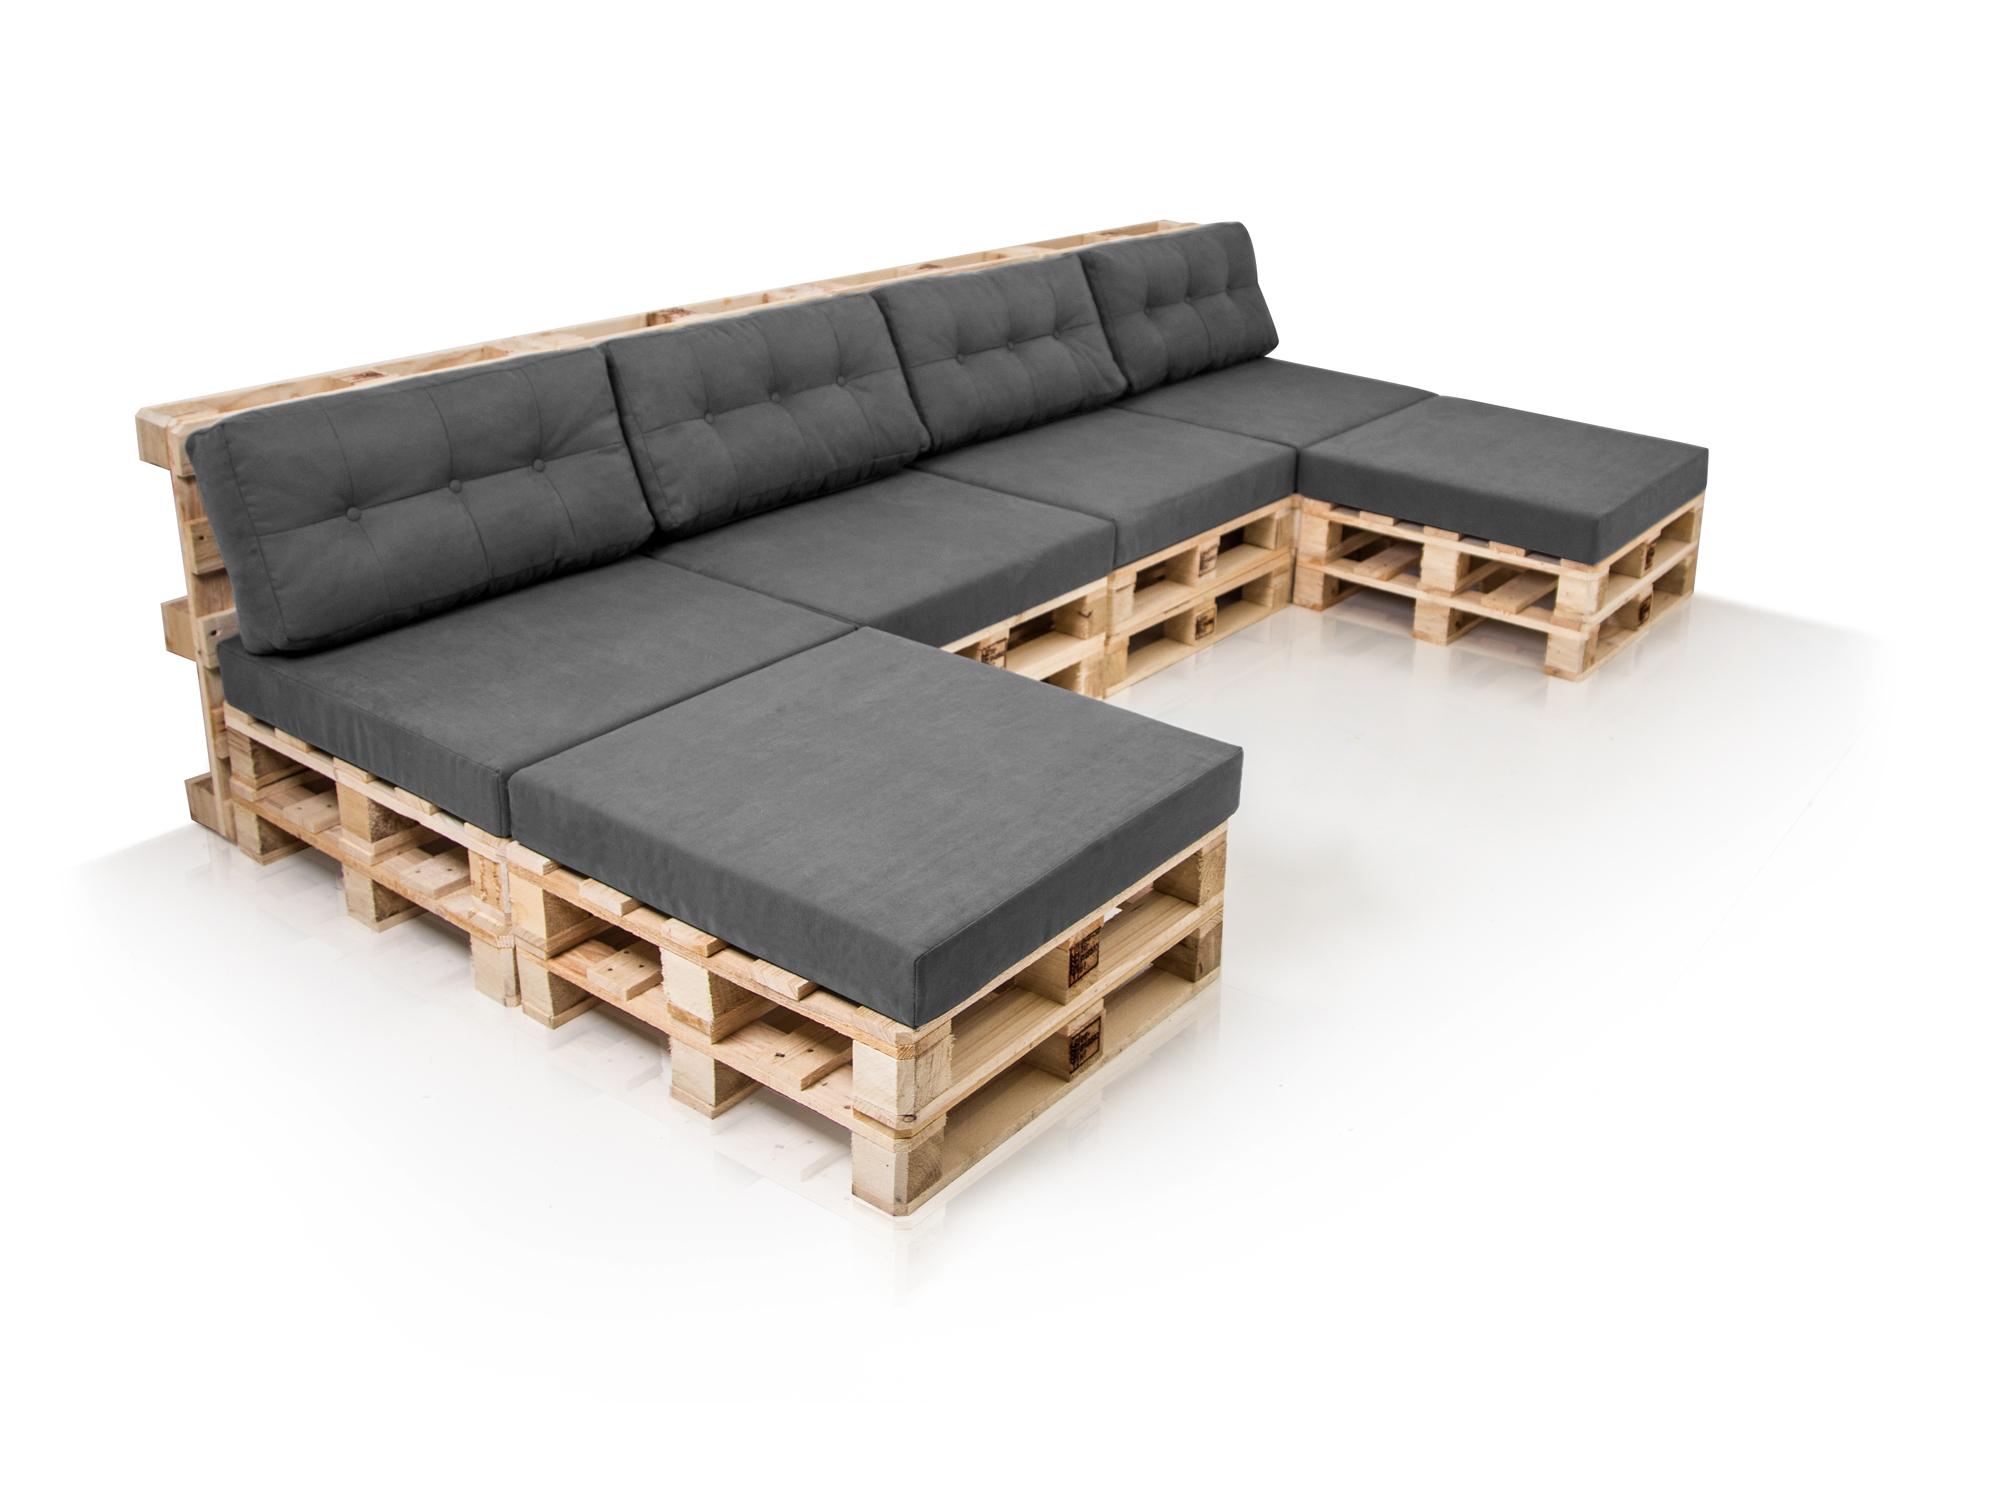 PALETTI Sofalandschaft Sofa aus Paletten Fichte Fichte natur